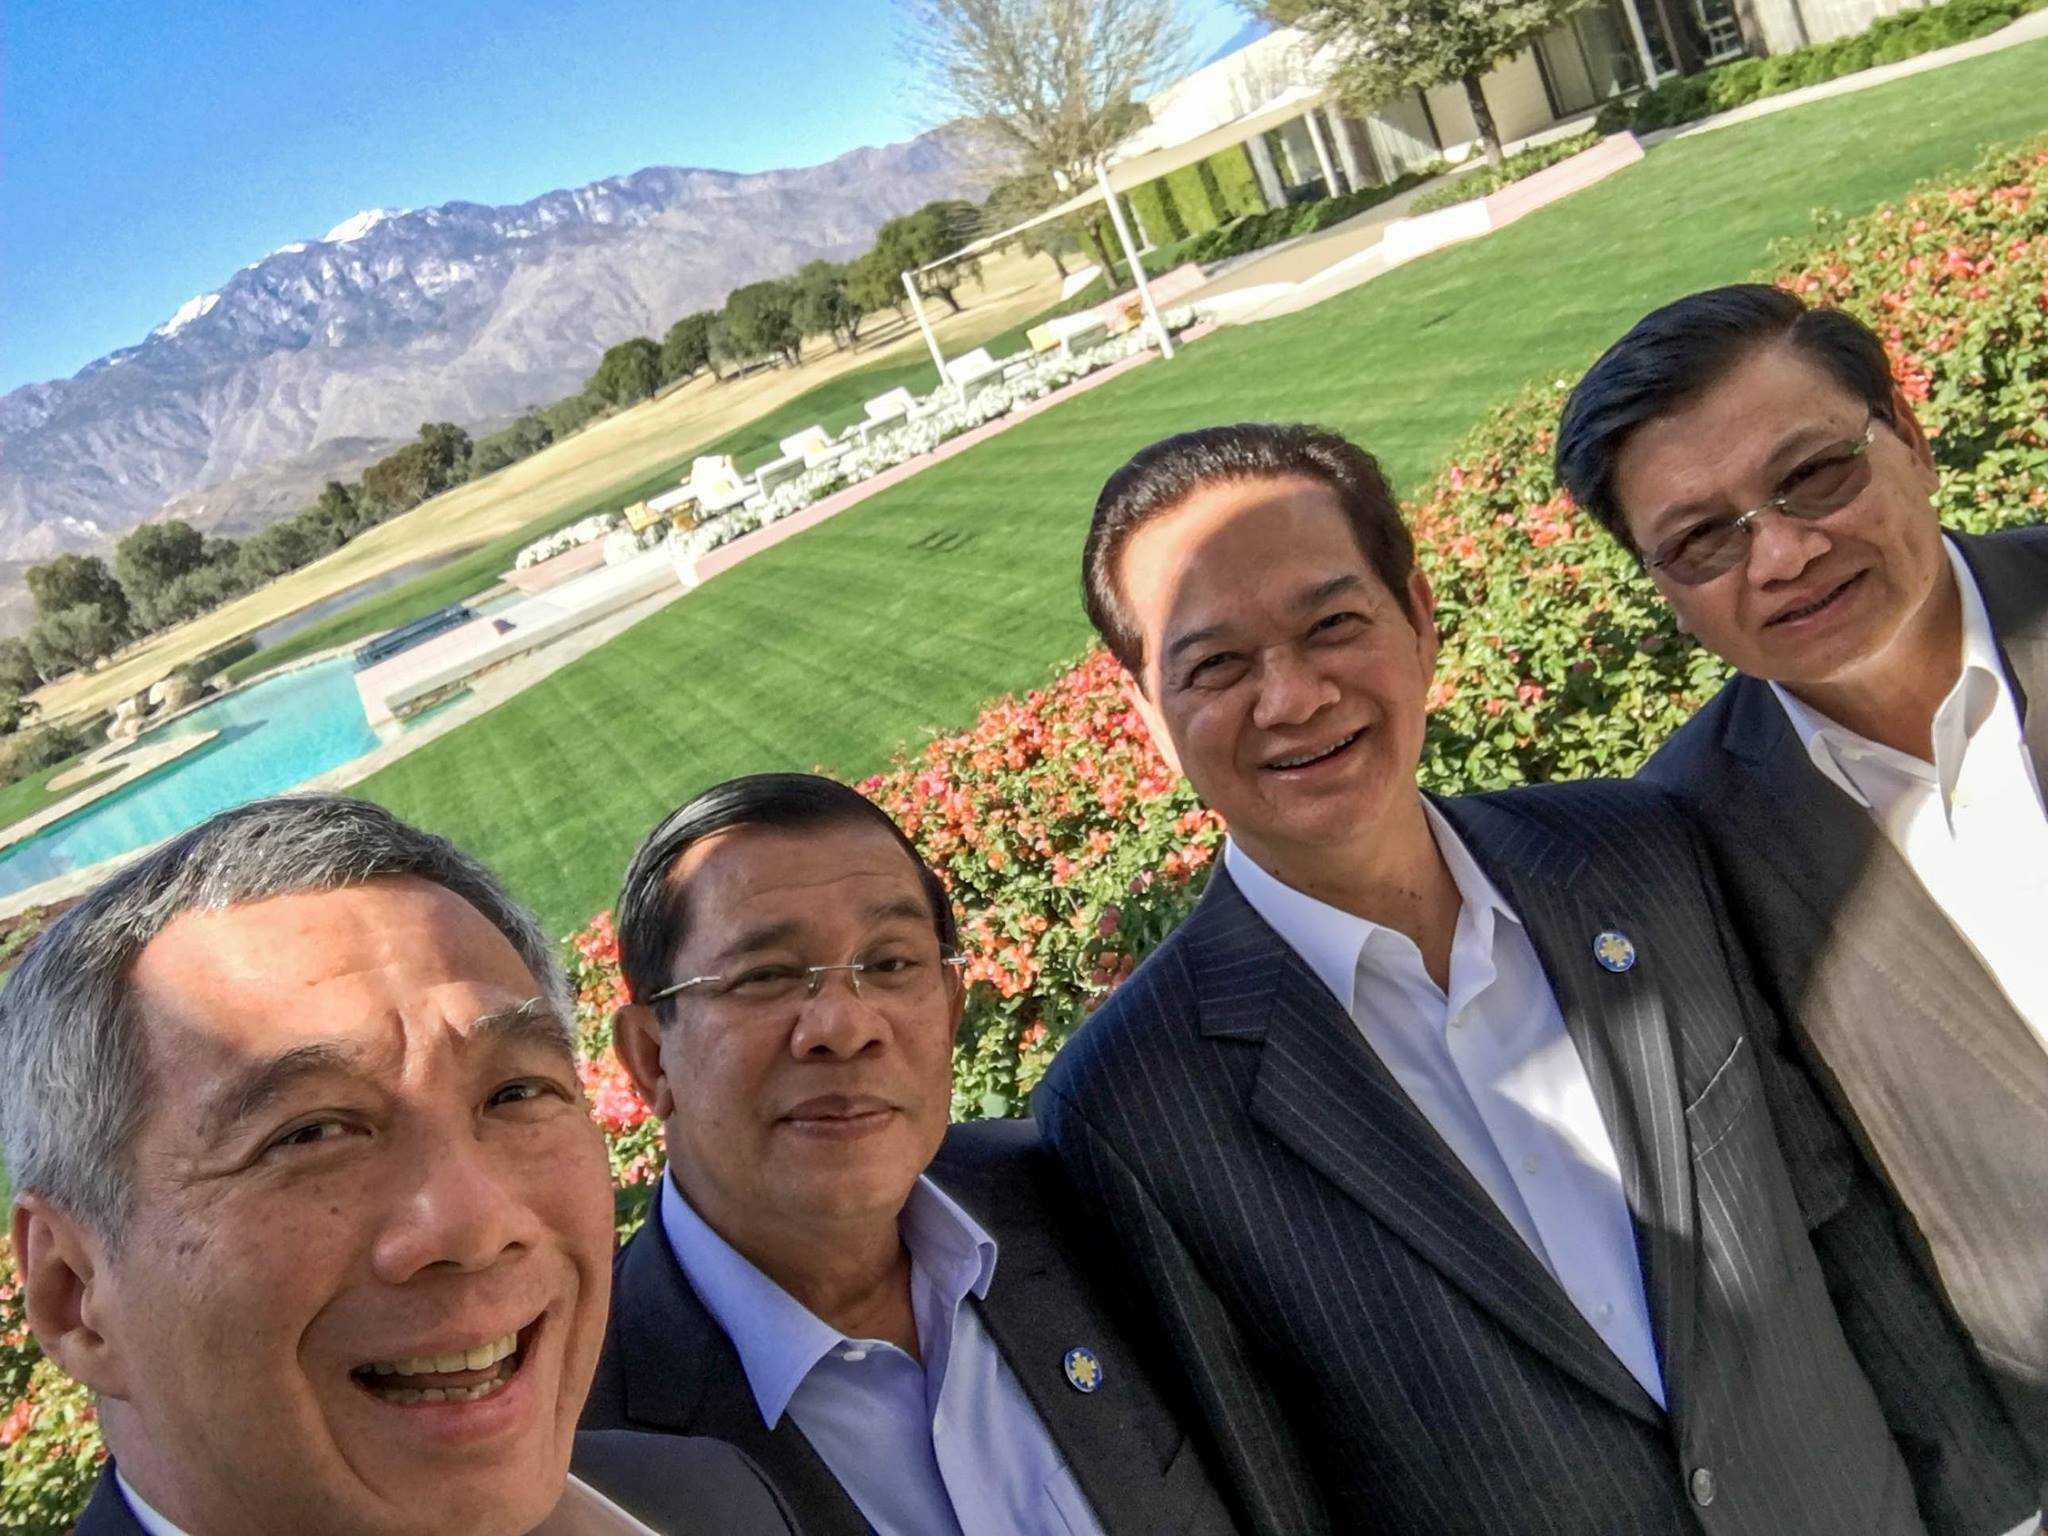 Thủ tướng Singapore Lý Hiển Long chụp ảnh selfie với Thủ tướng Nguyễn Tấn Dũng, Phó Thủ tướng Lào và Thủ tướng Campuchia